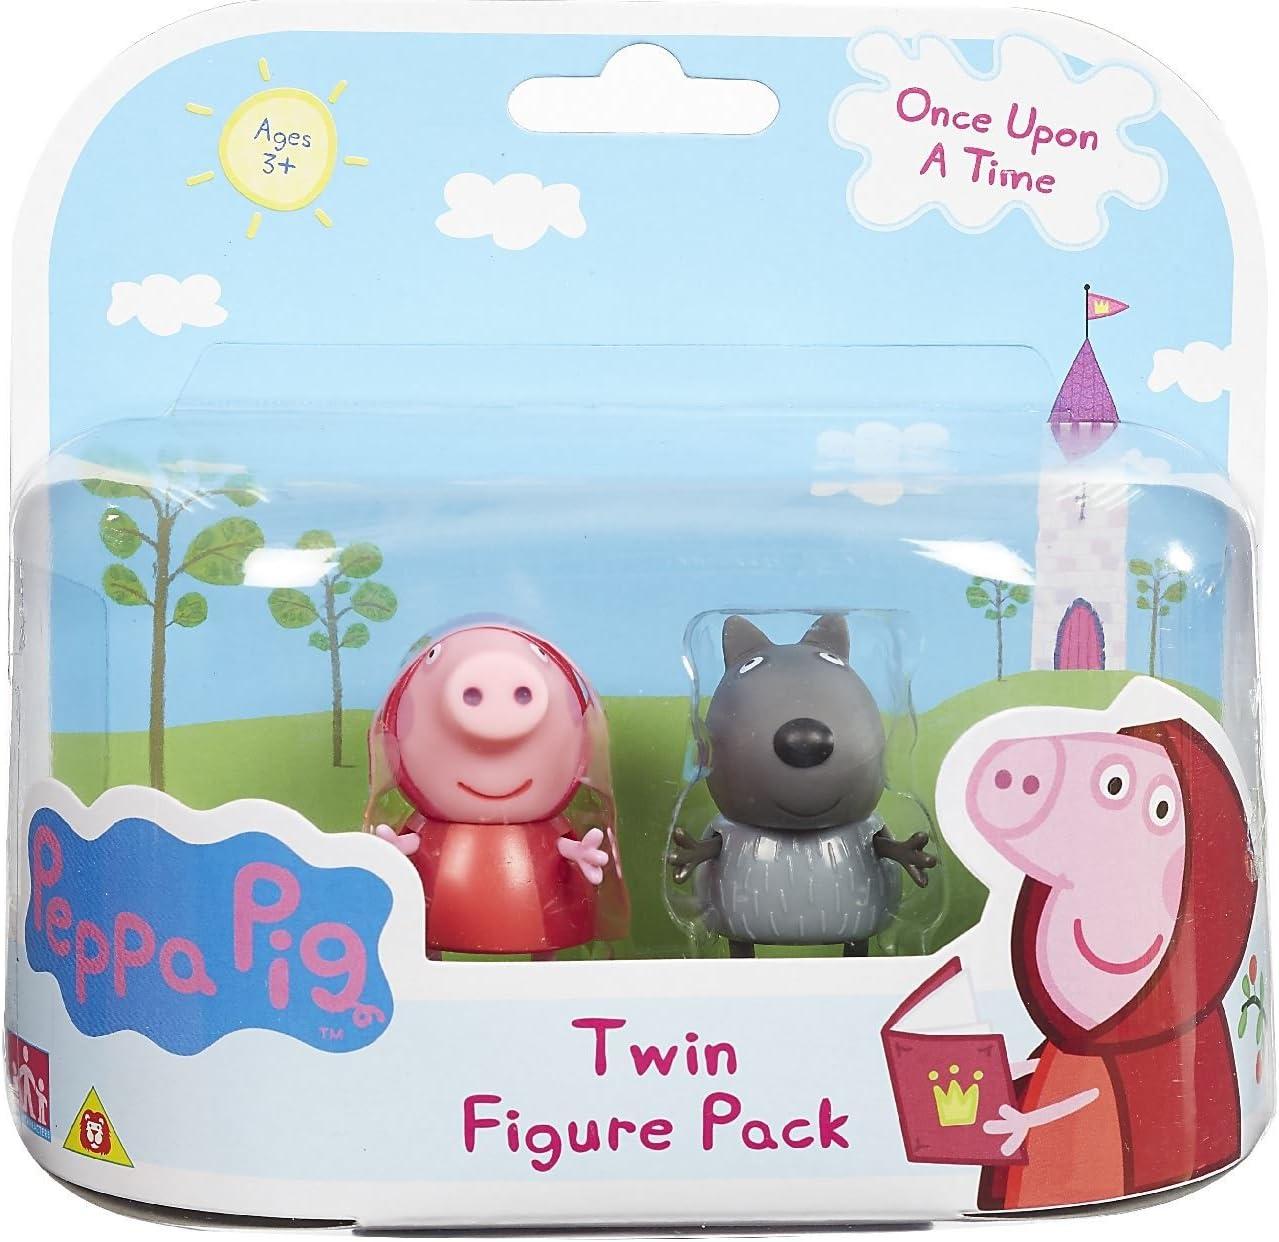 Peppa Pig : Once Upon a Time – Caperucita Roja Peppa et Danny el Lobo – 2 Figuras 5 cm: Amazon.es: Juguetes y juegos